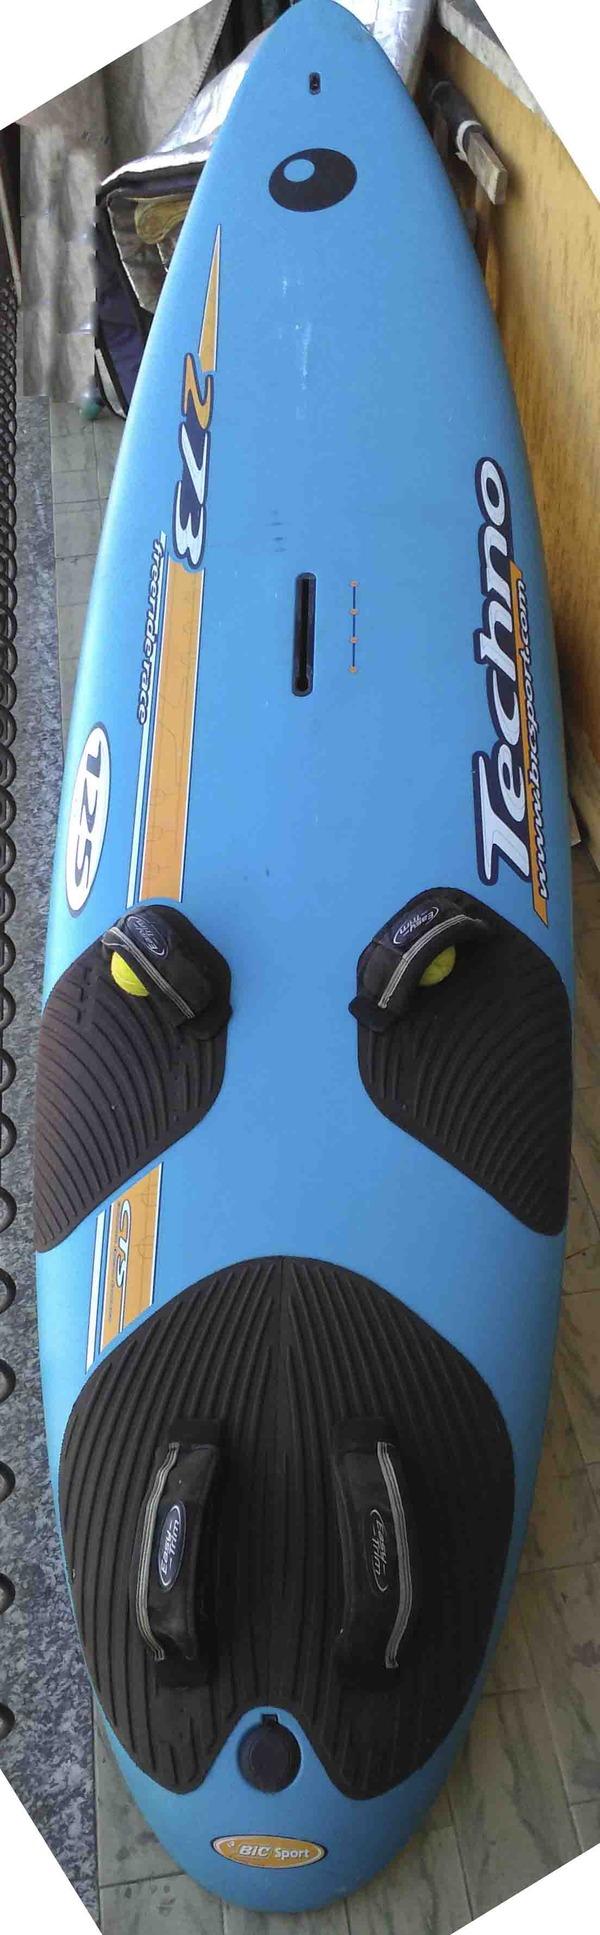 Bic Sport - techno 125 litri